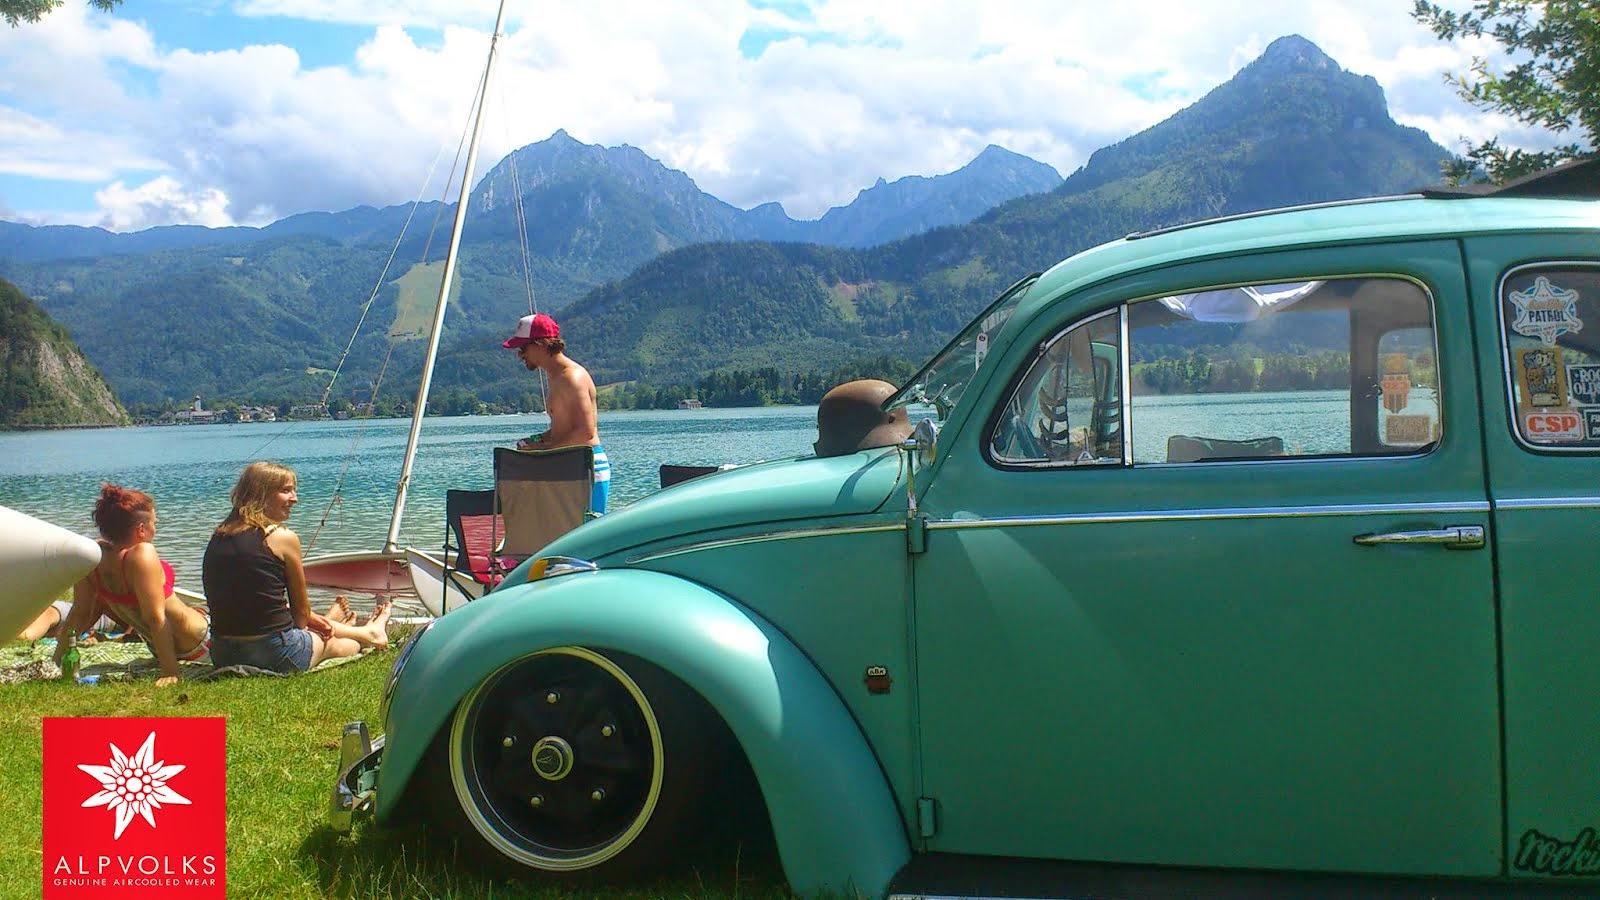 Alpvolks-Sommerfrische am Wolfgangsee